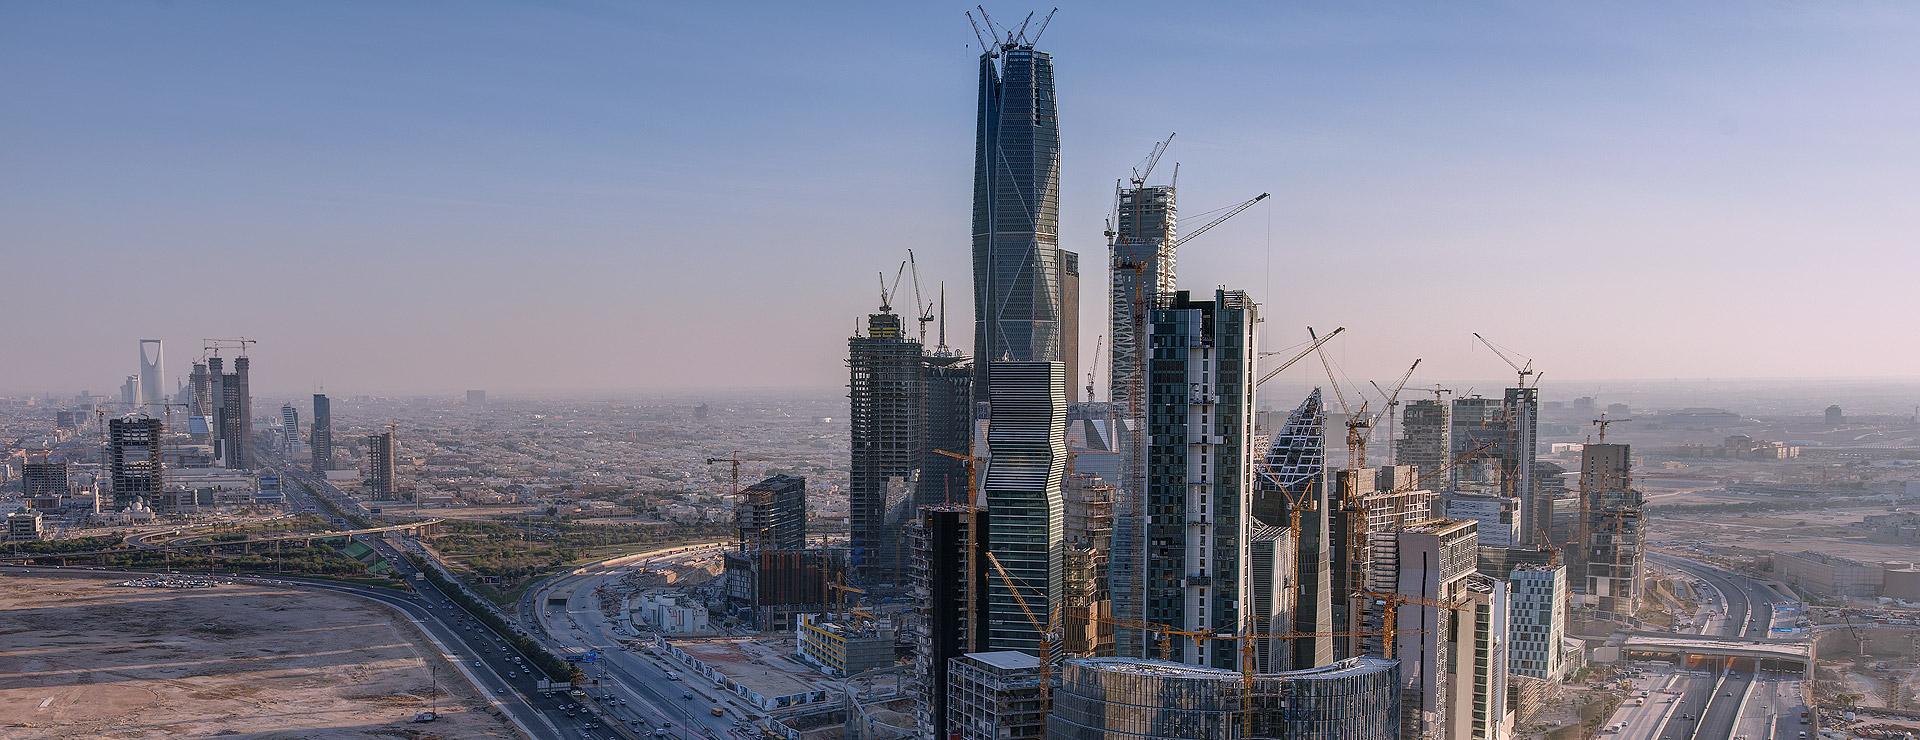 مالذي يجب على شركات التقنية المالية معرفته قبل مزاولة عملياتها في السعودية